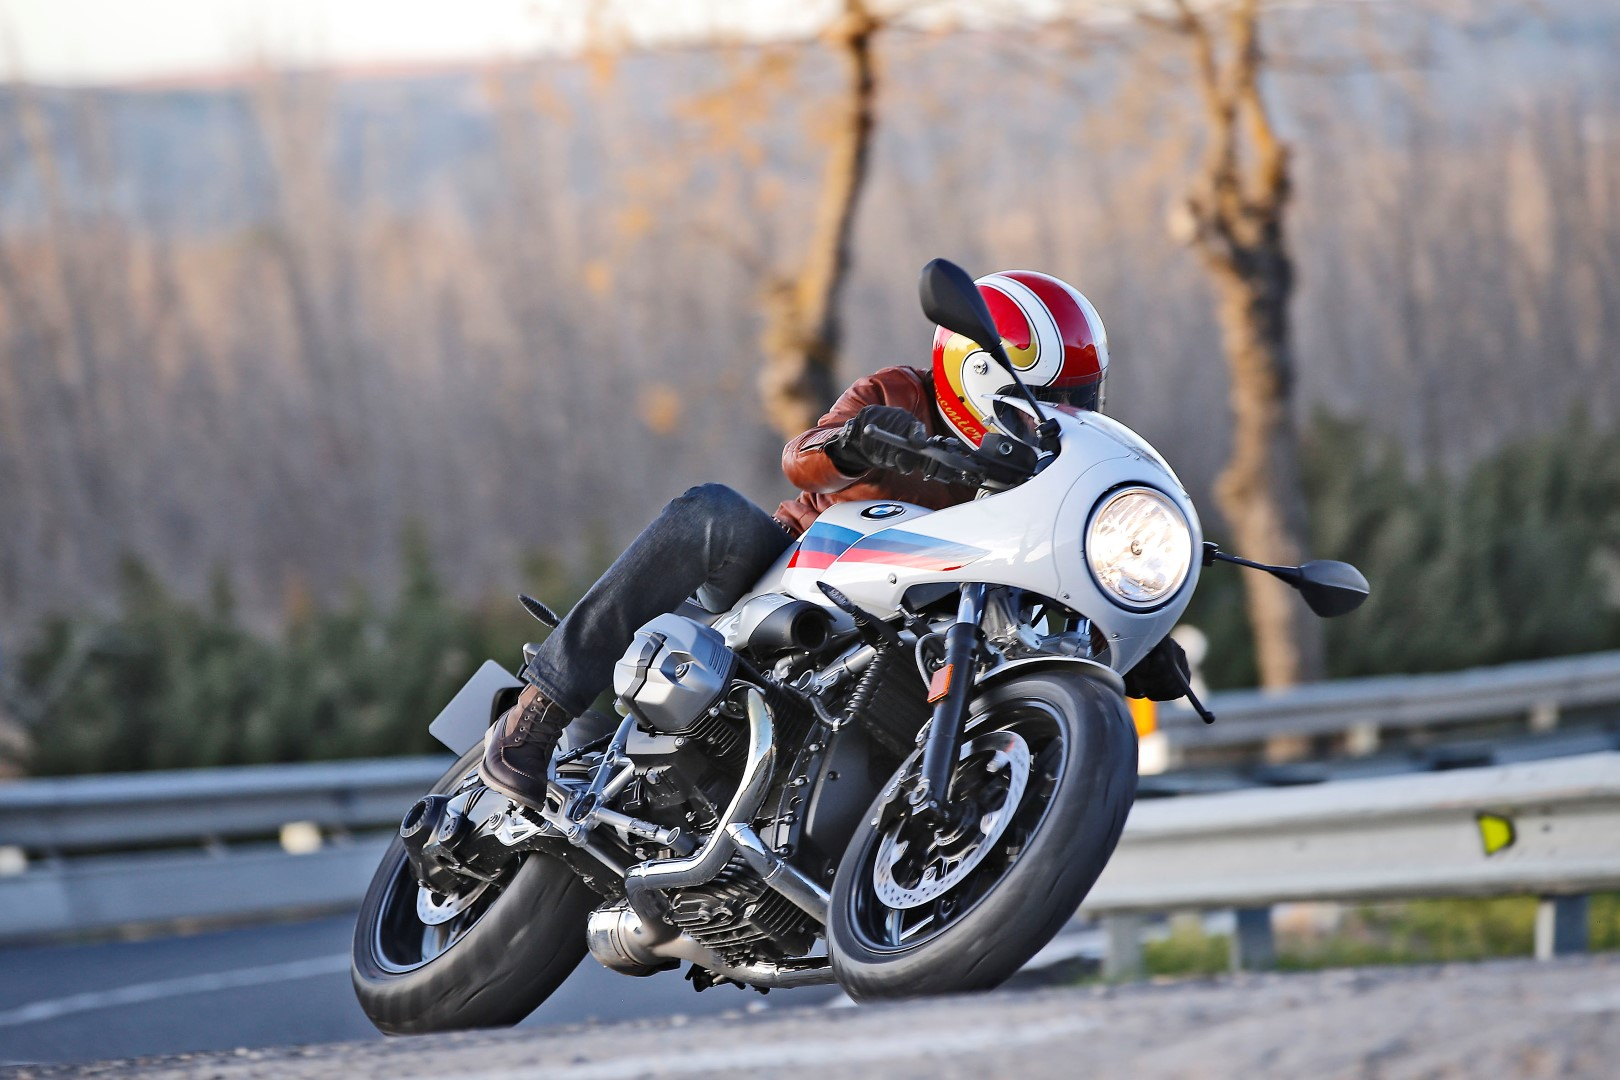 BMW R nineT Racer, prueba, ficha técnica y primeras impresiones